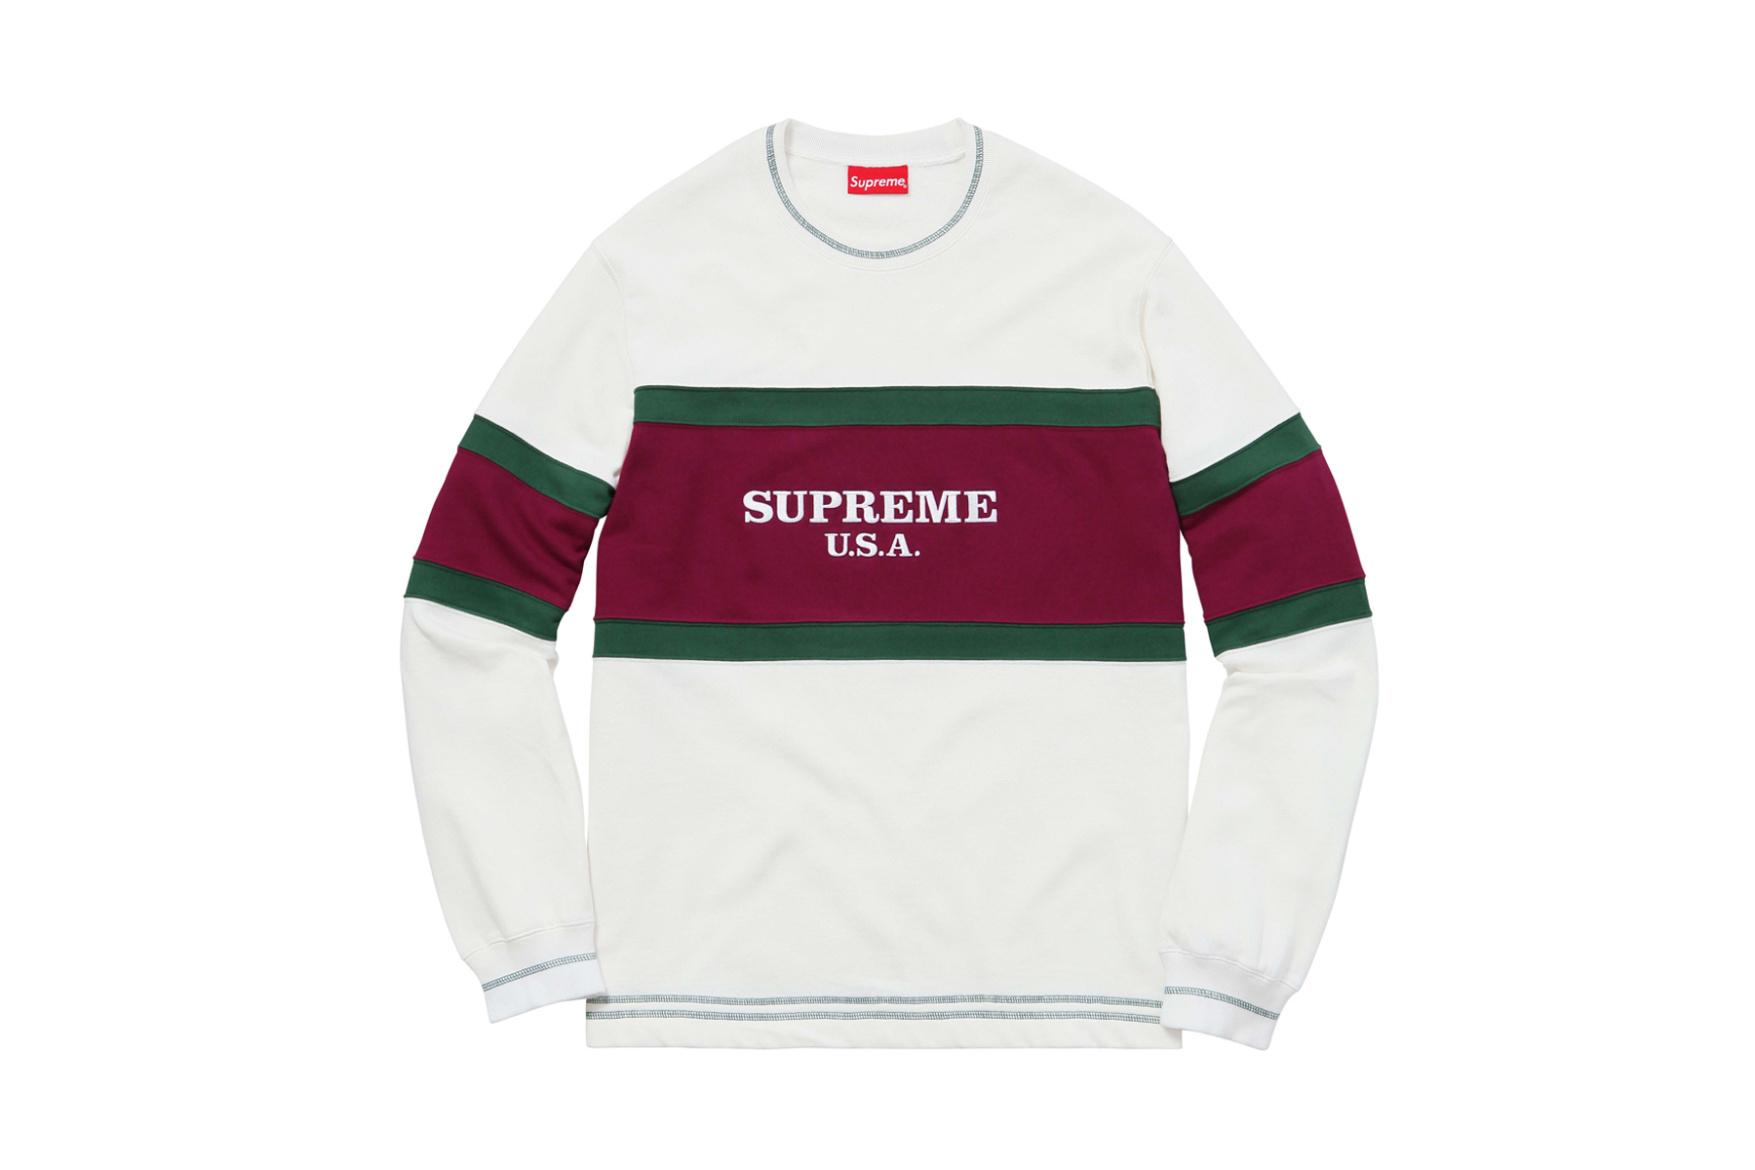 supreme-2016-fall-winter-sweats-1